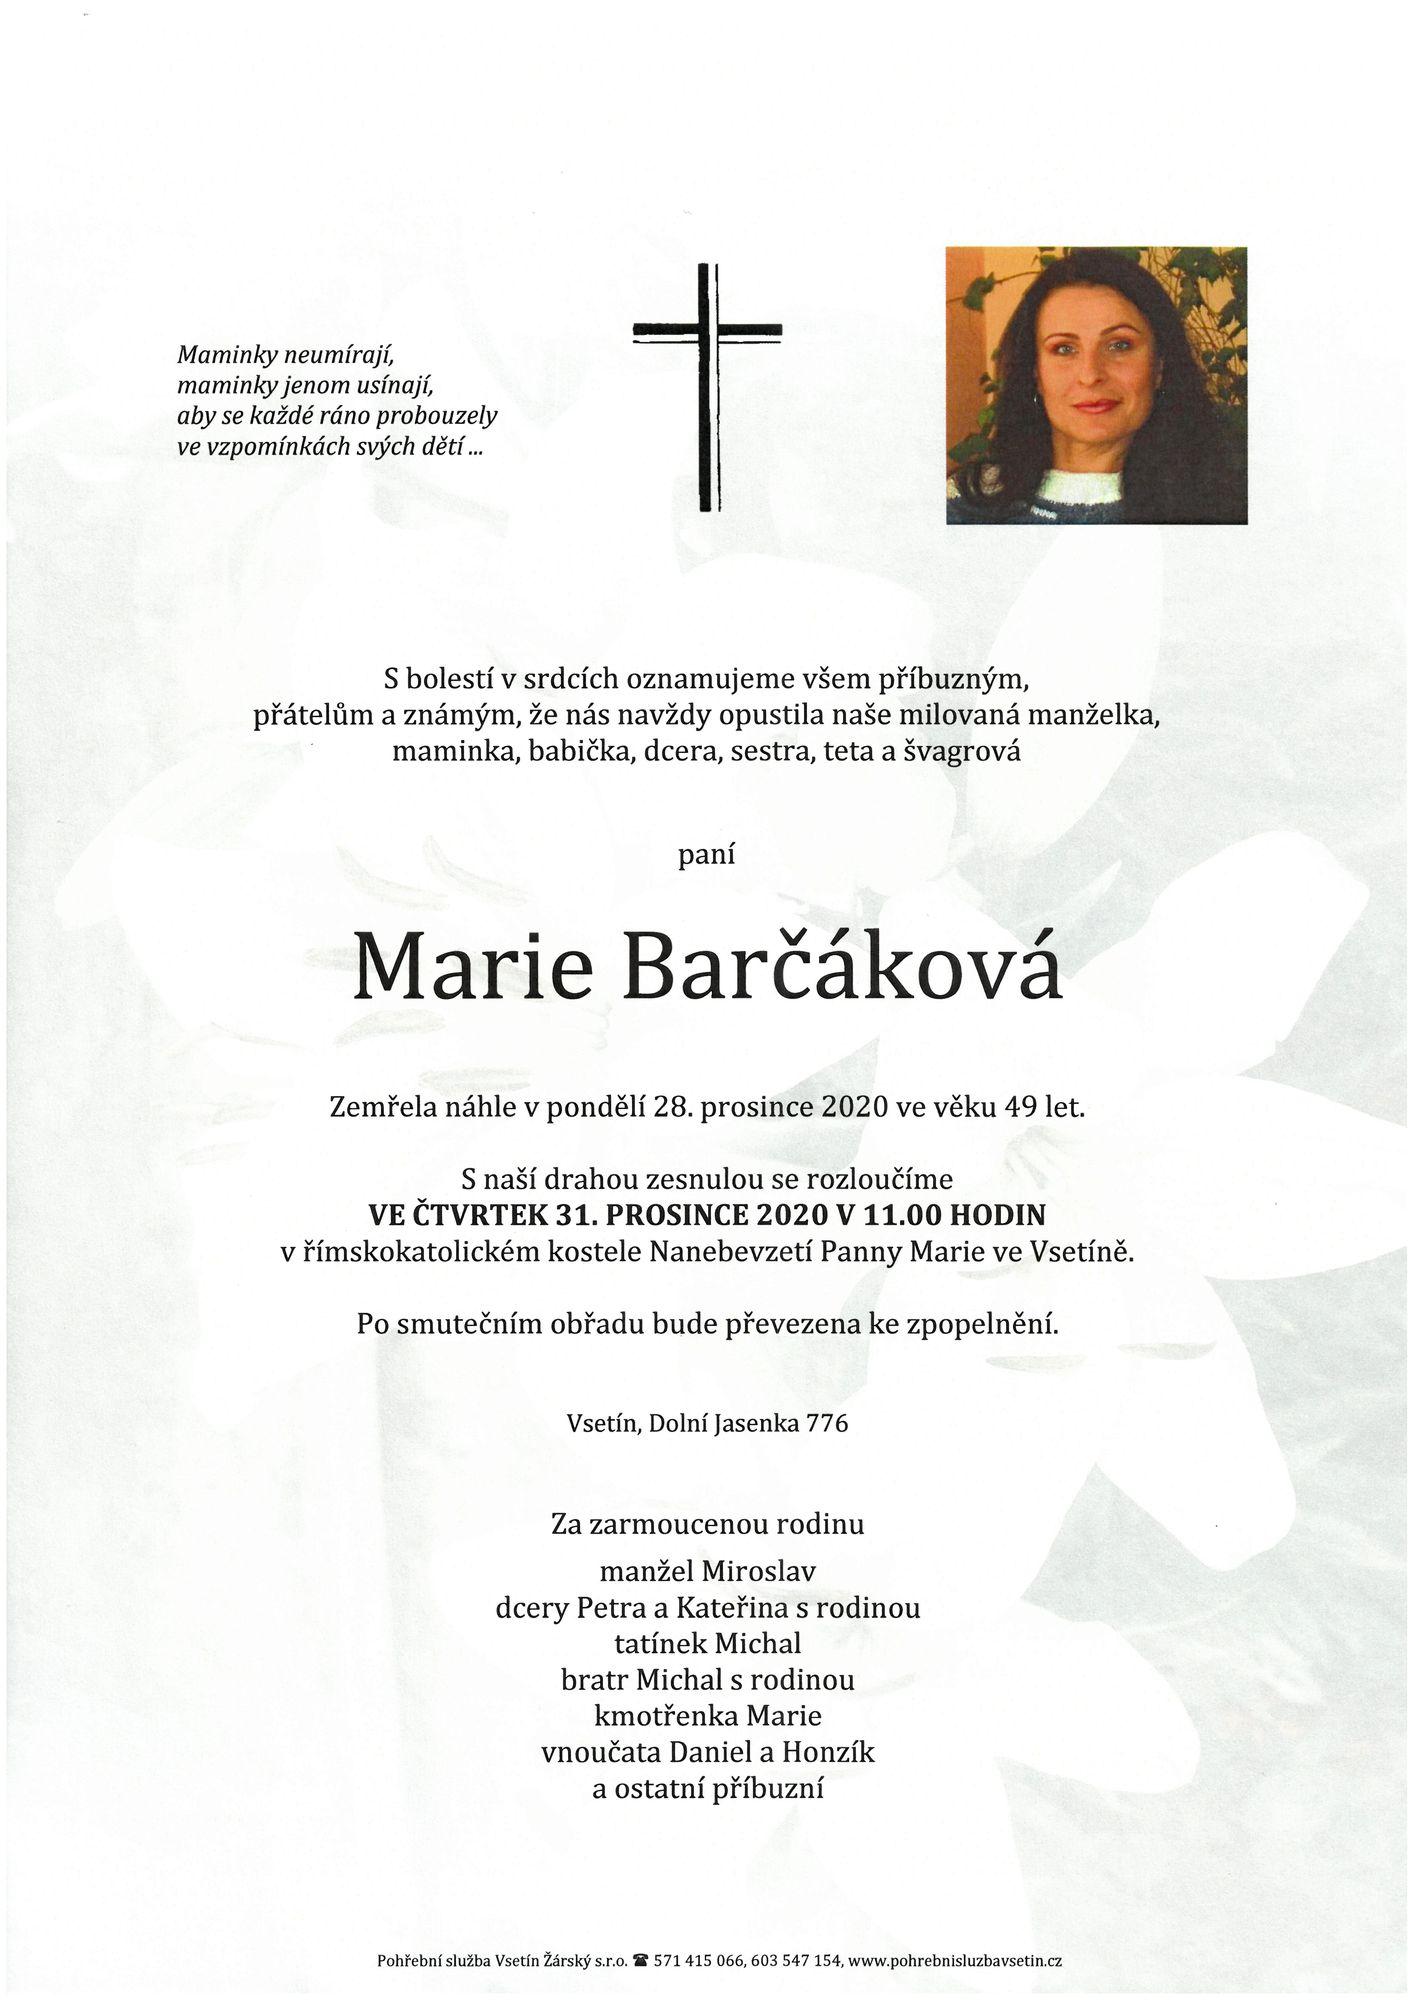 Marie Barčáková